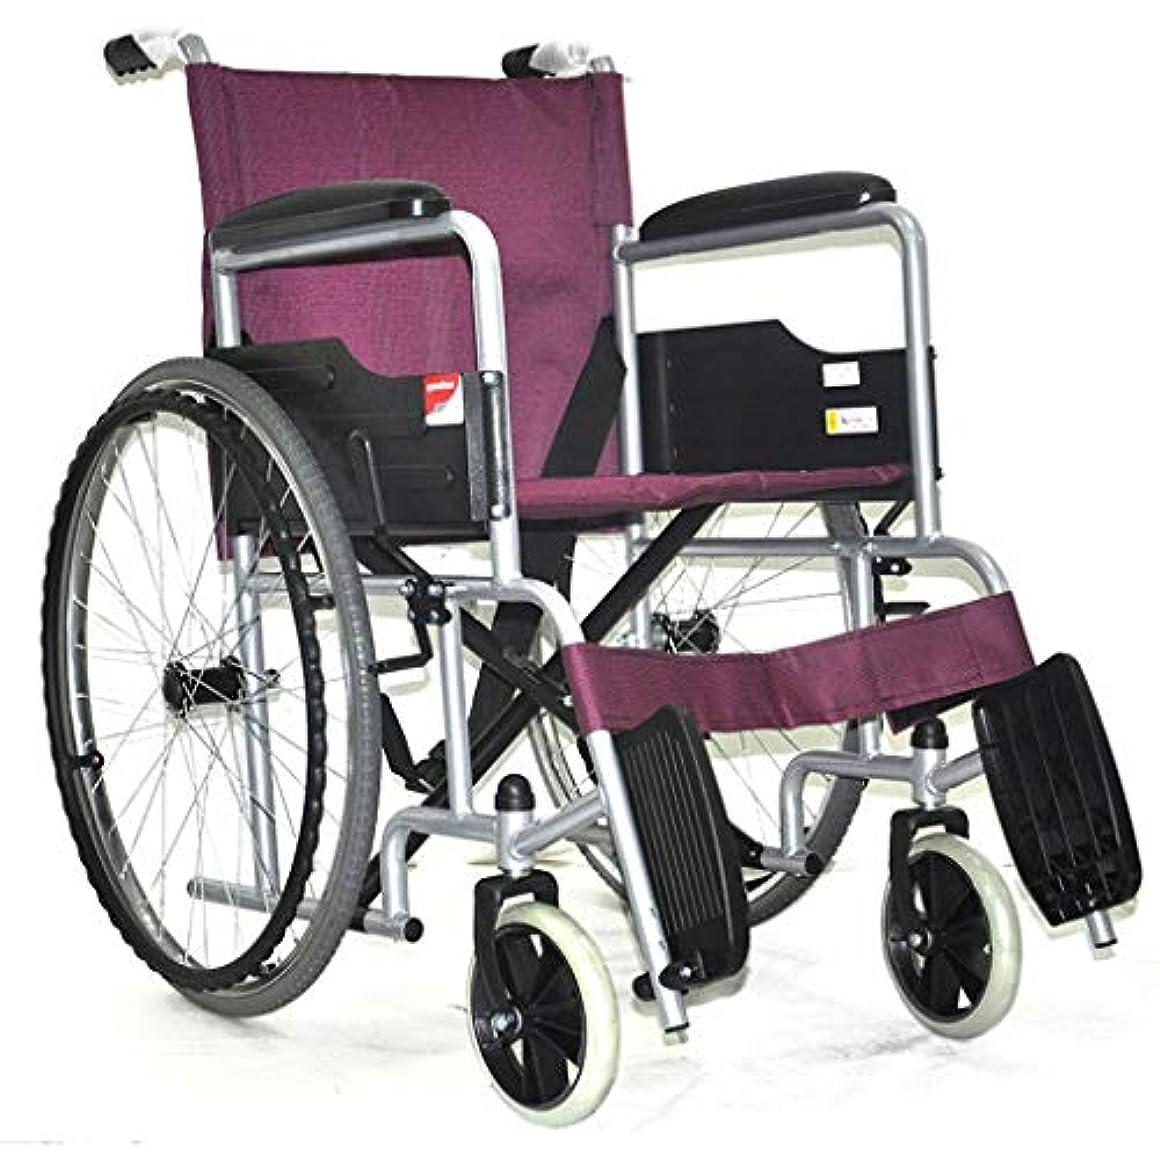 行き当たりばったり曲げる違反する車椅子トロリー折りたたみライトポータブル、高齢者障害者屋外旅行車椅子